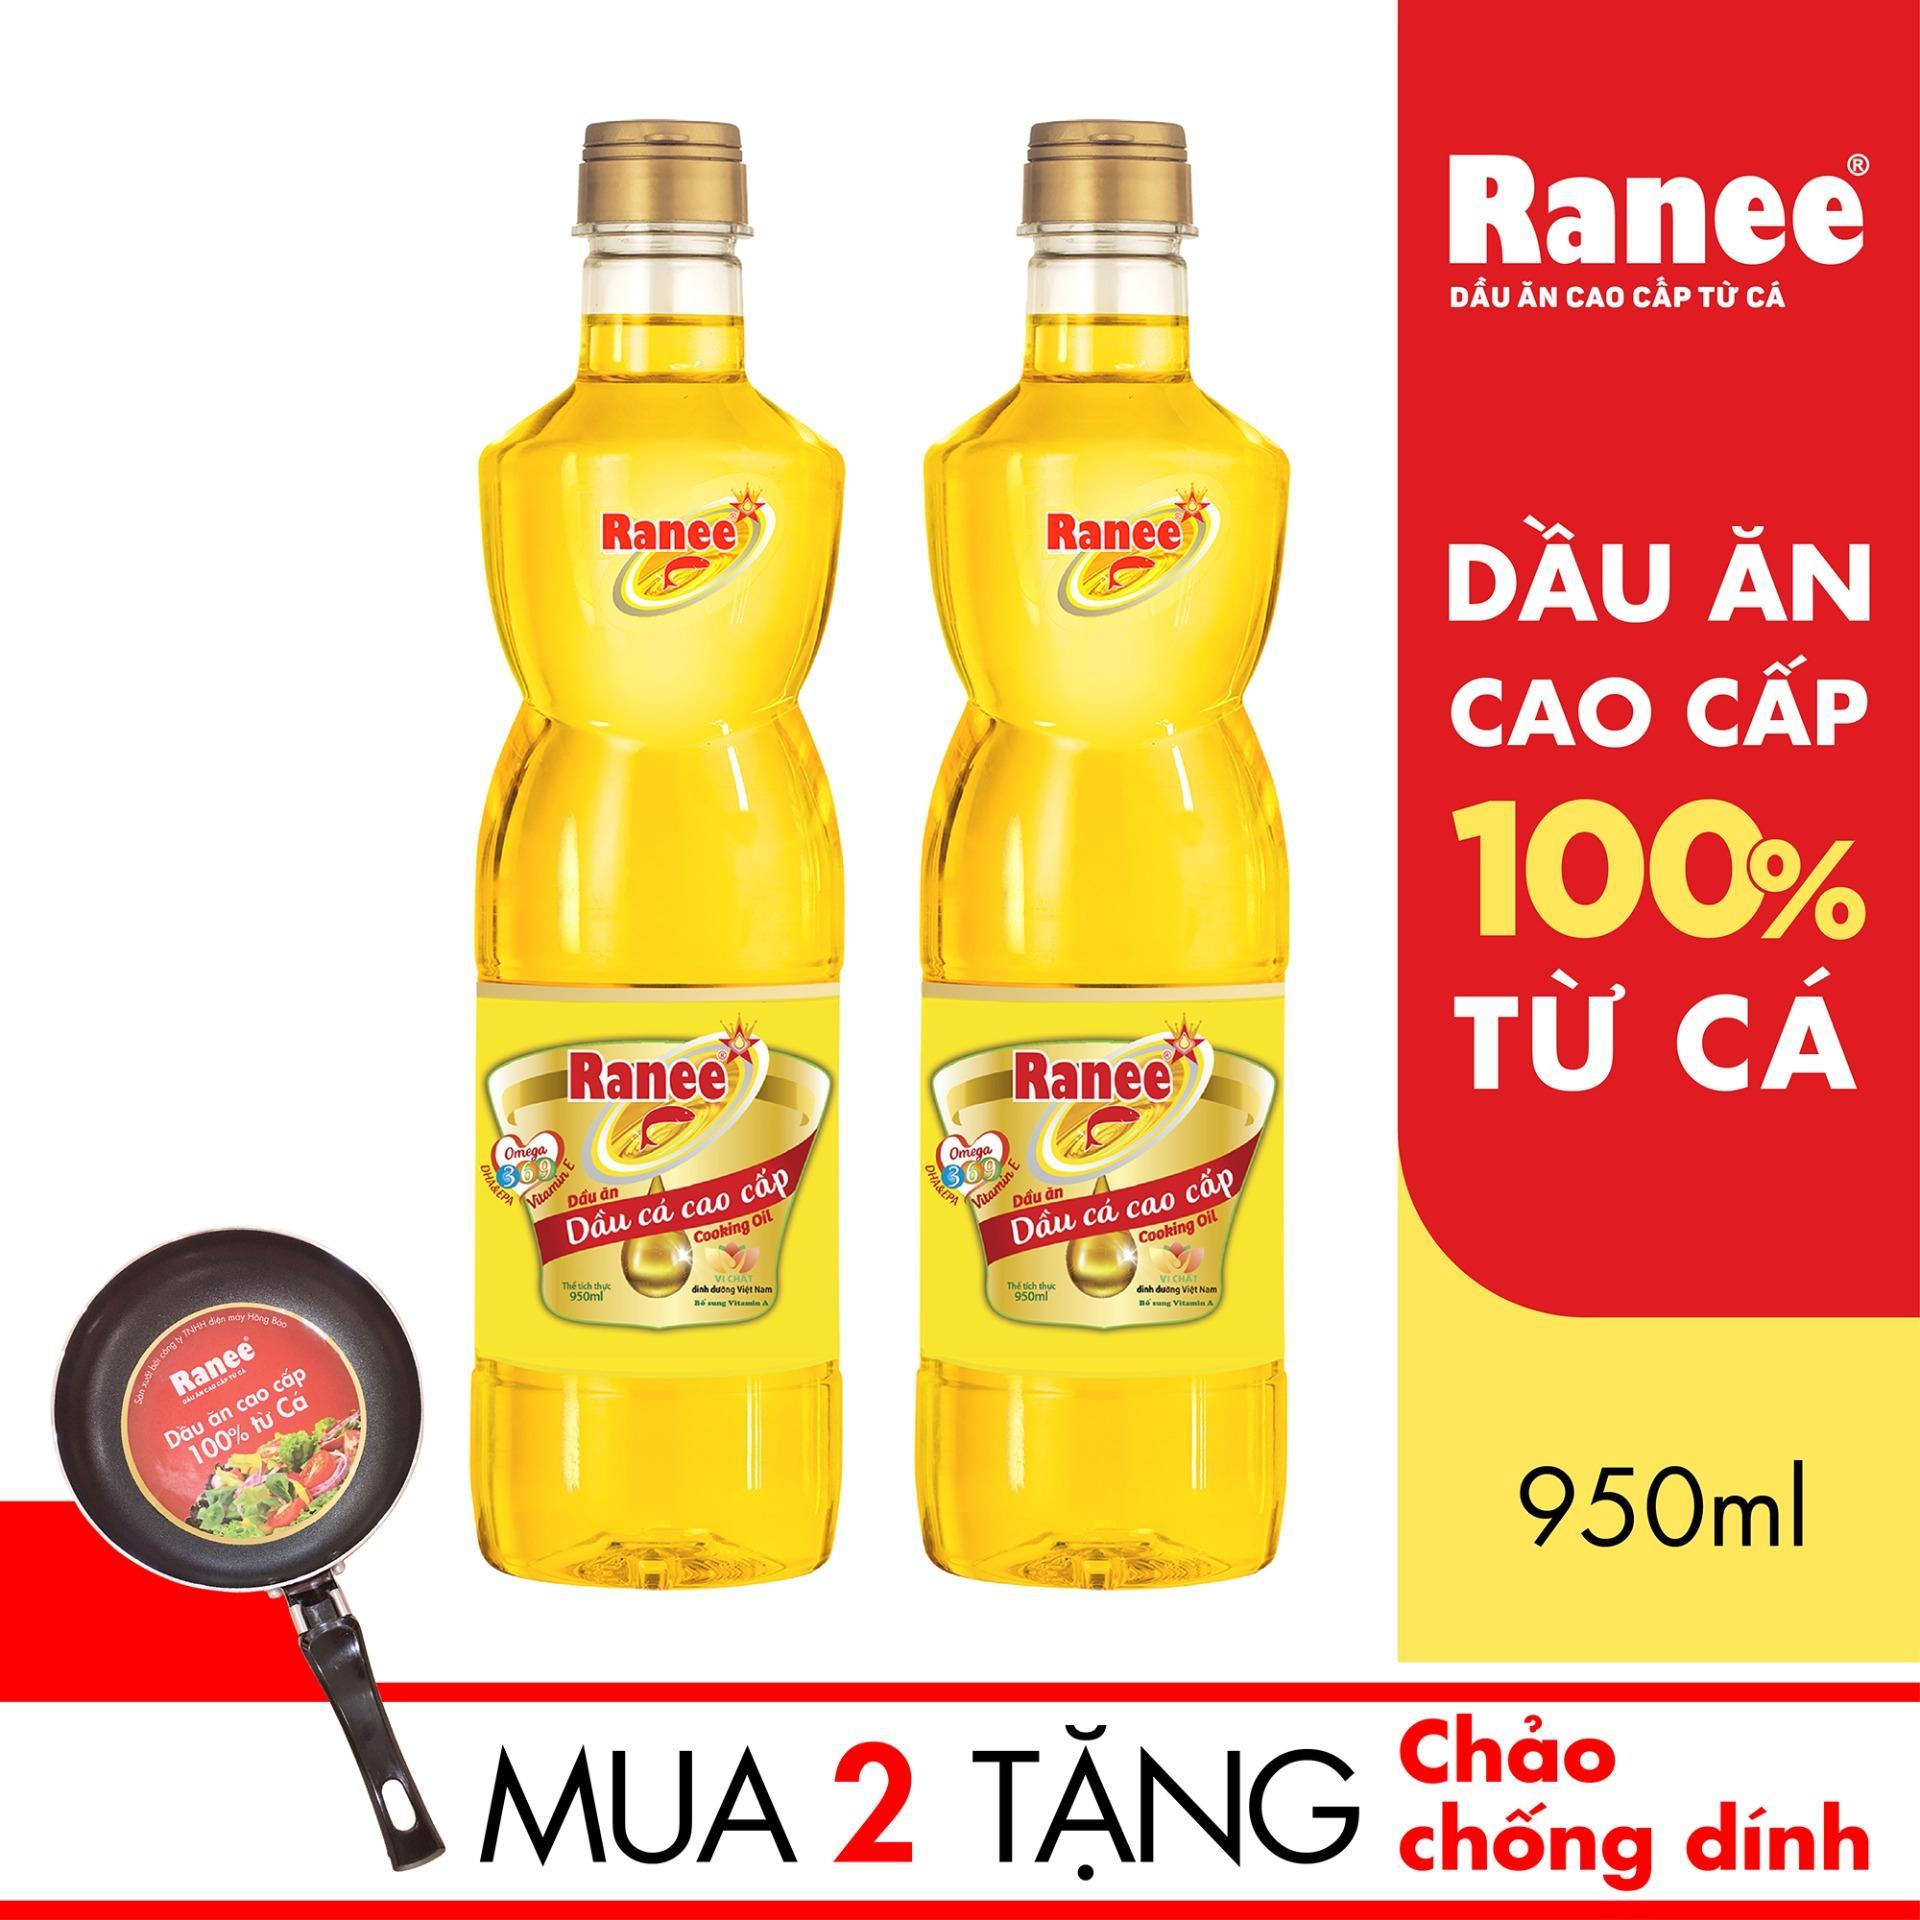 Hình ảnh Combo 2 chai Dầu ăn cao cấp từ cá Ranee 950ml + Tặng 1 chảo chống dính cao cấp